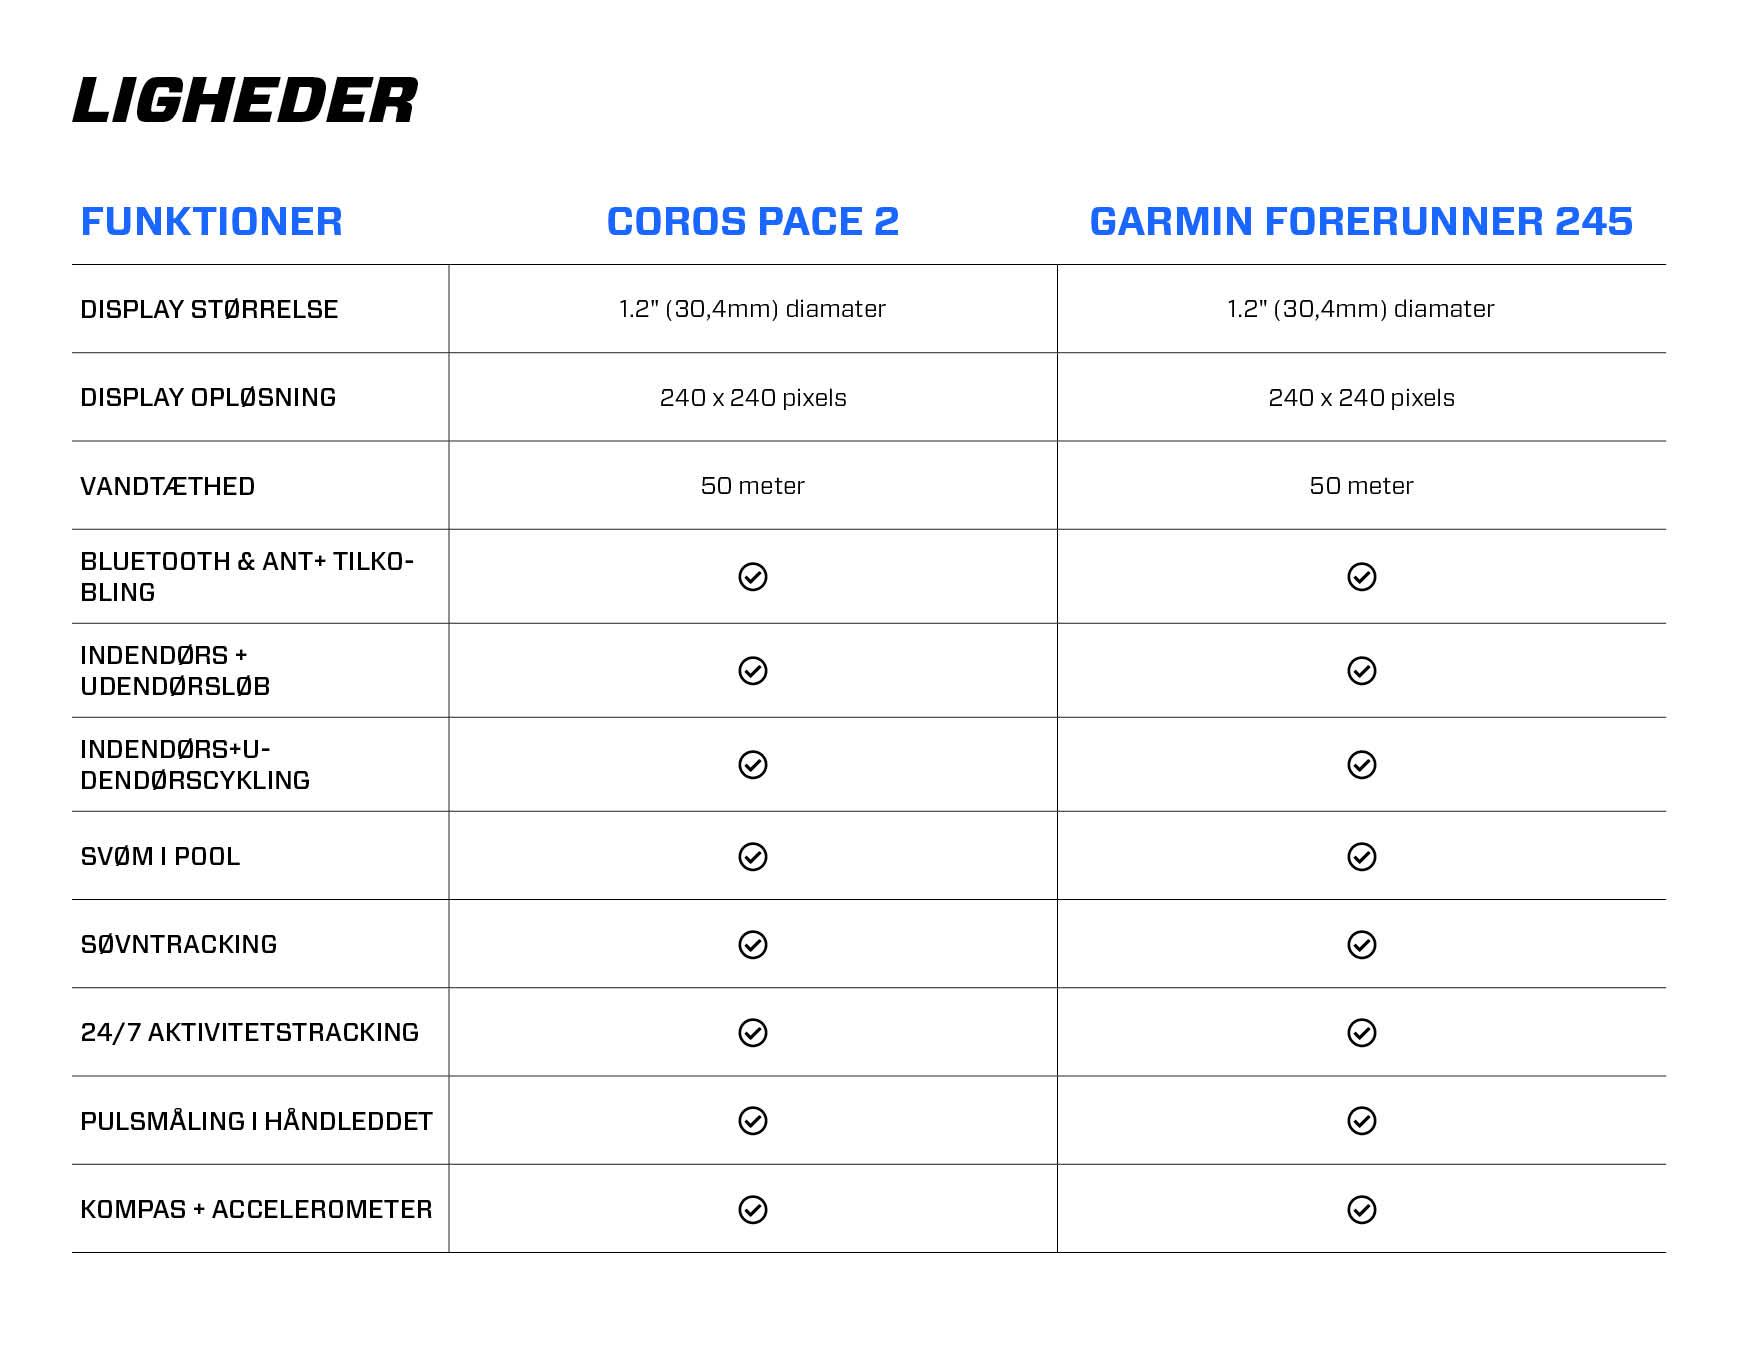 Coros pace 2 vs. Garmin Forerunner 245